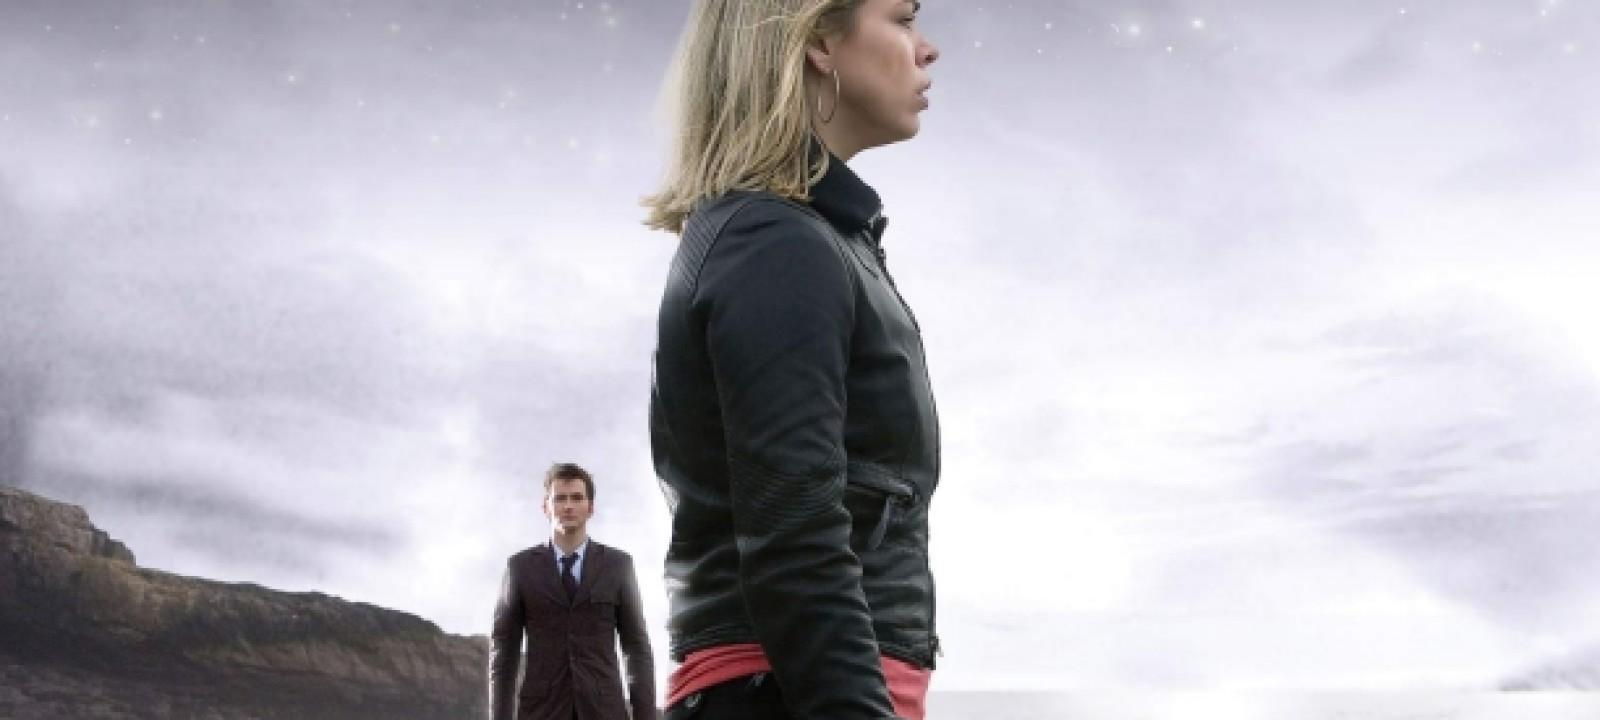 Rose-Doctor-badwolf-tenth-rose-715319_1600_1200